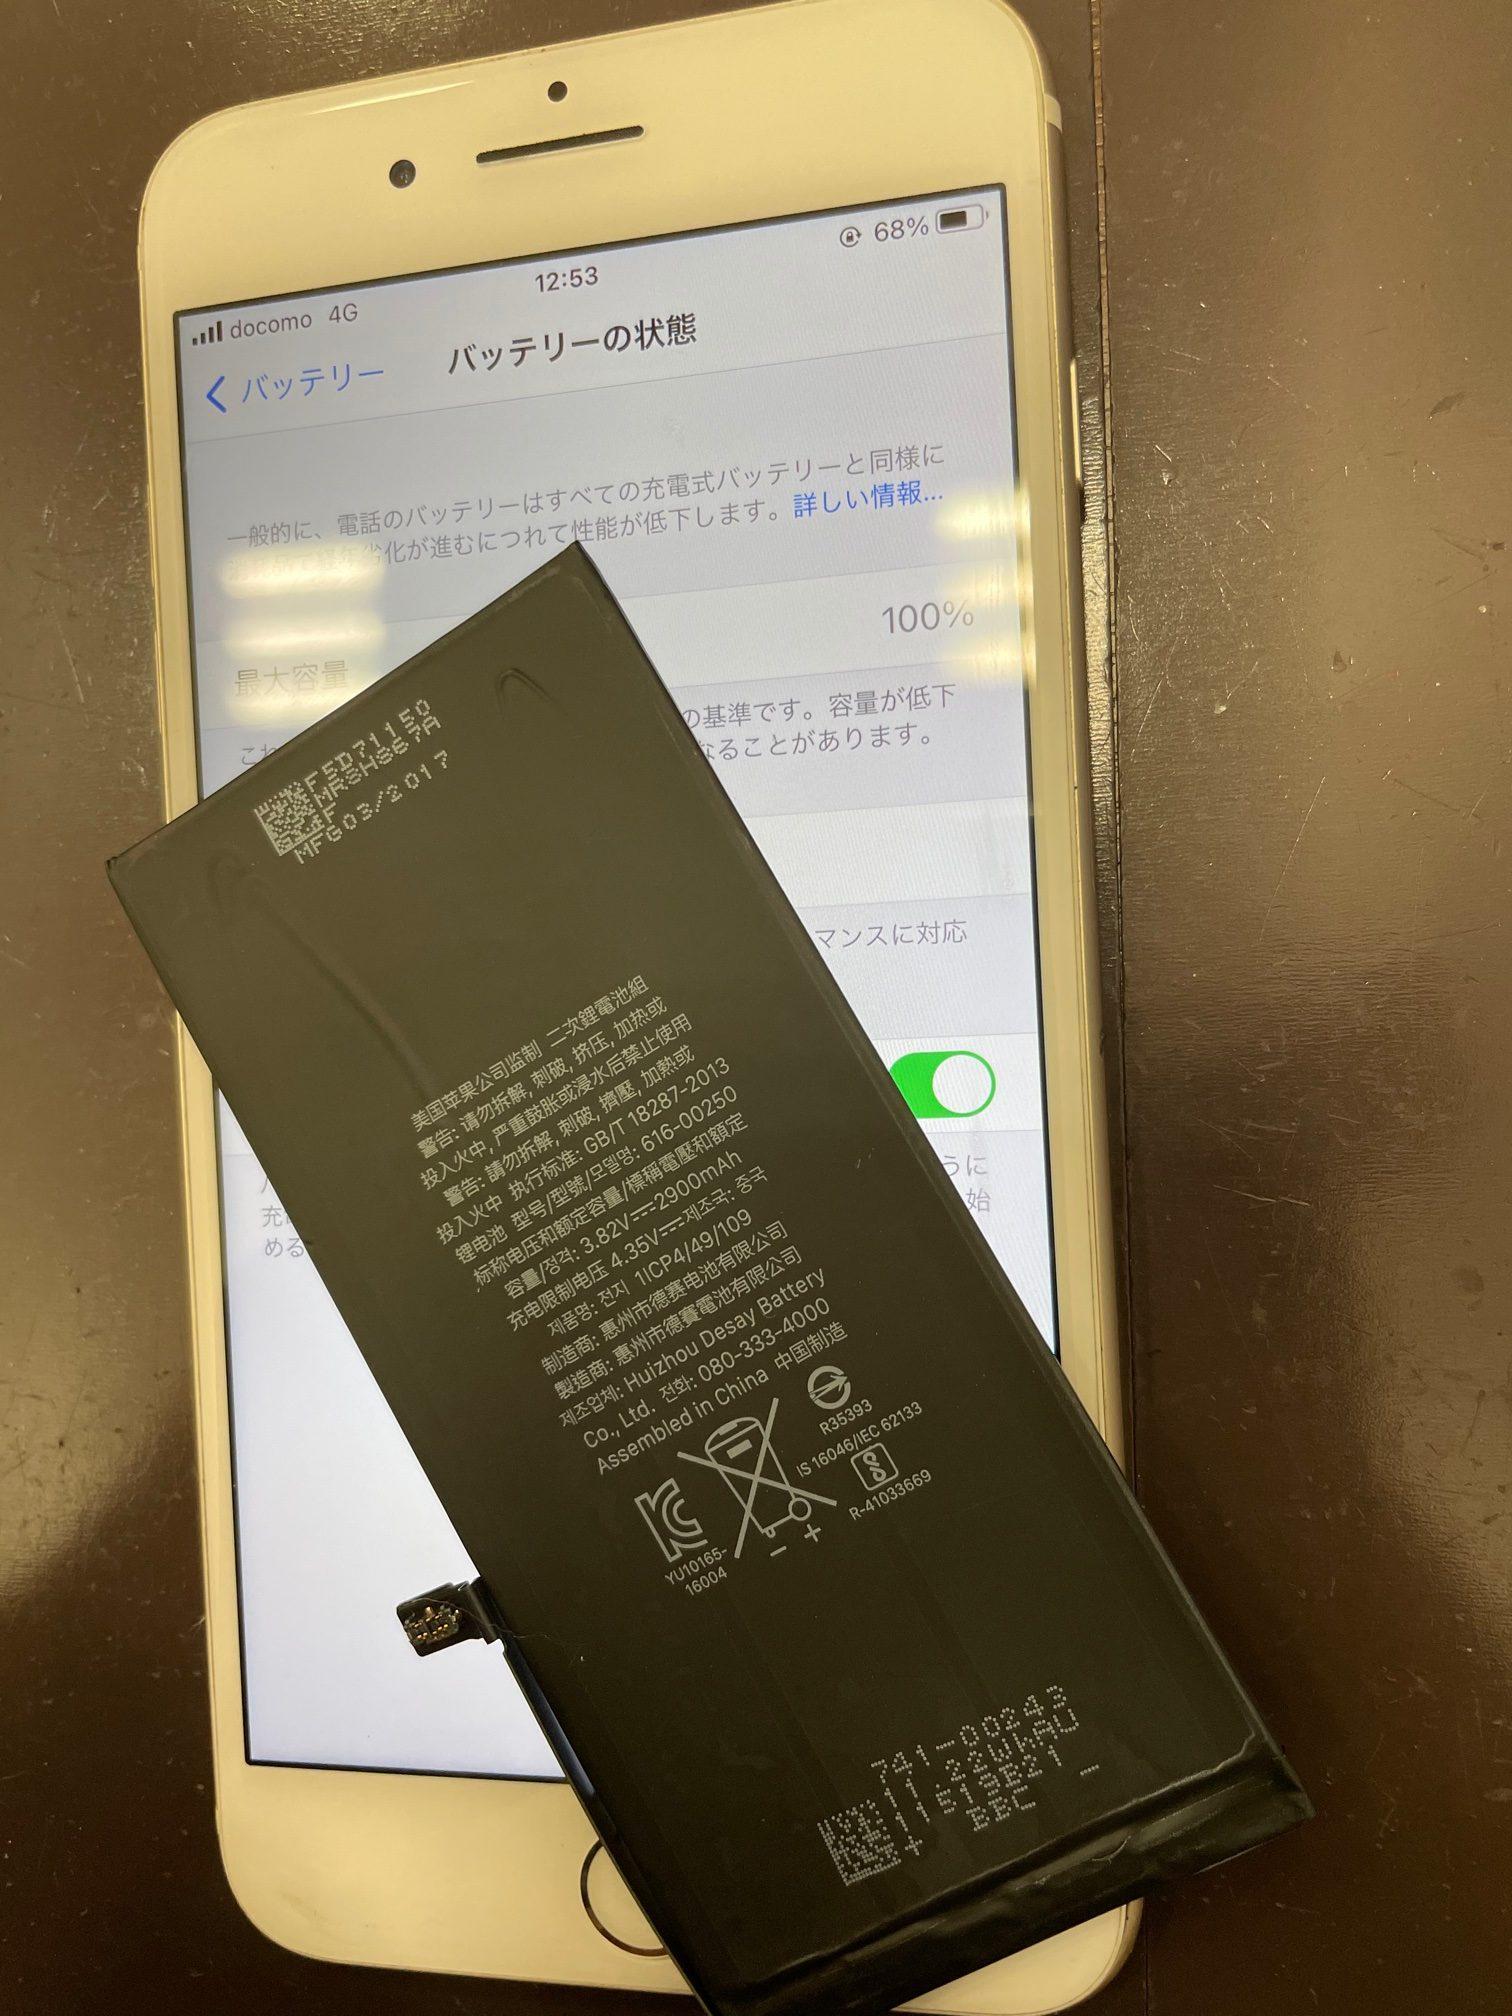 同じ端末を継続して使うには2年ごとのメンテナンスが必要です🧐✨/iPhone7plus/バッテリー交換